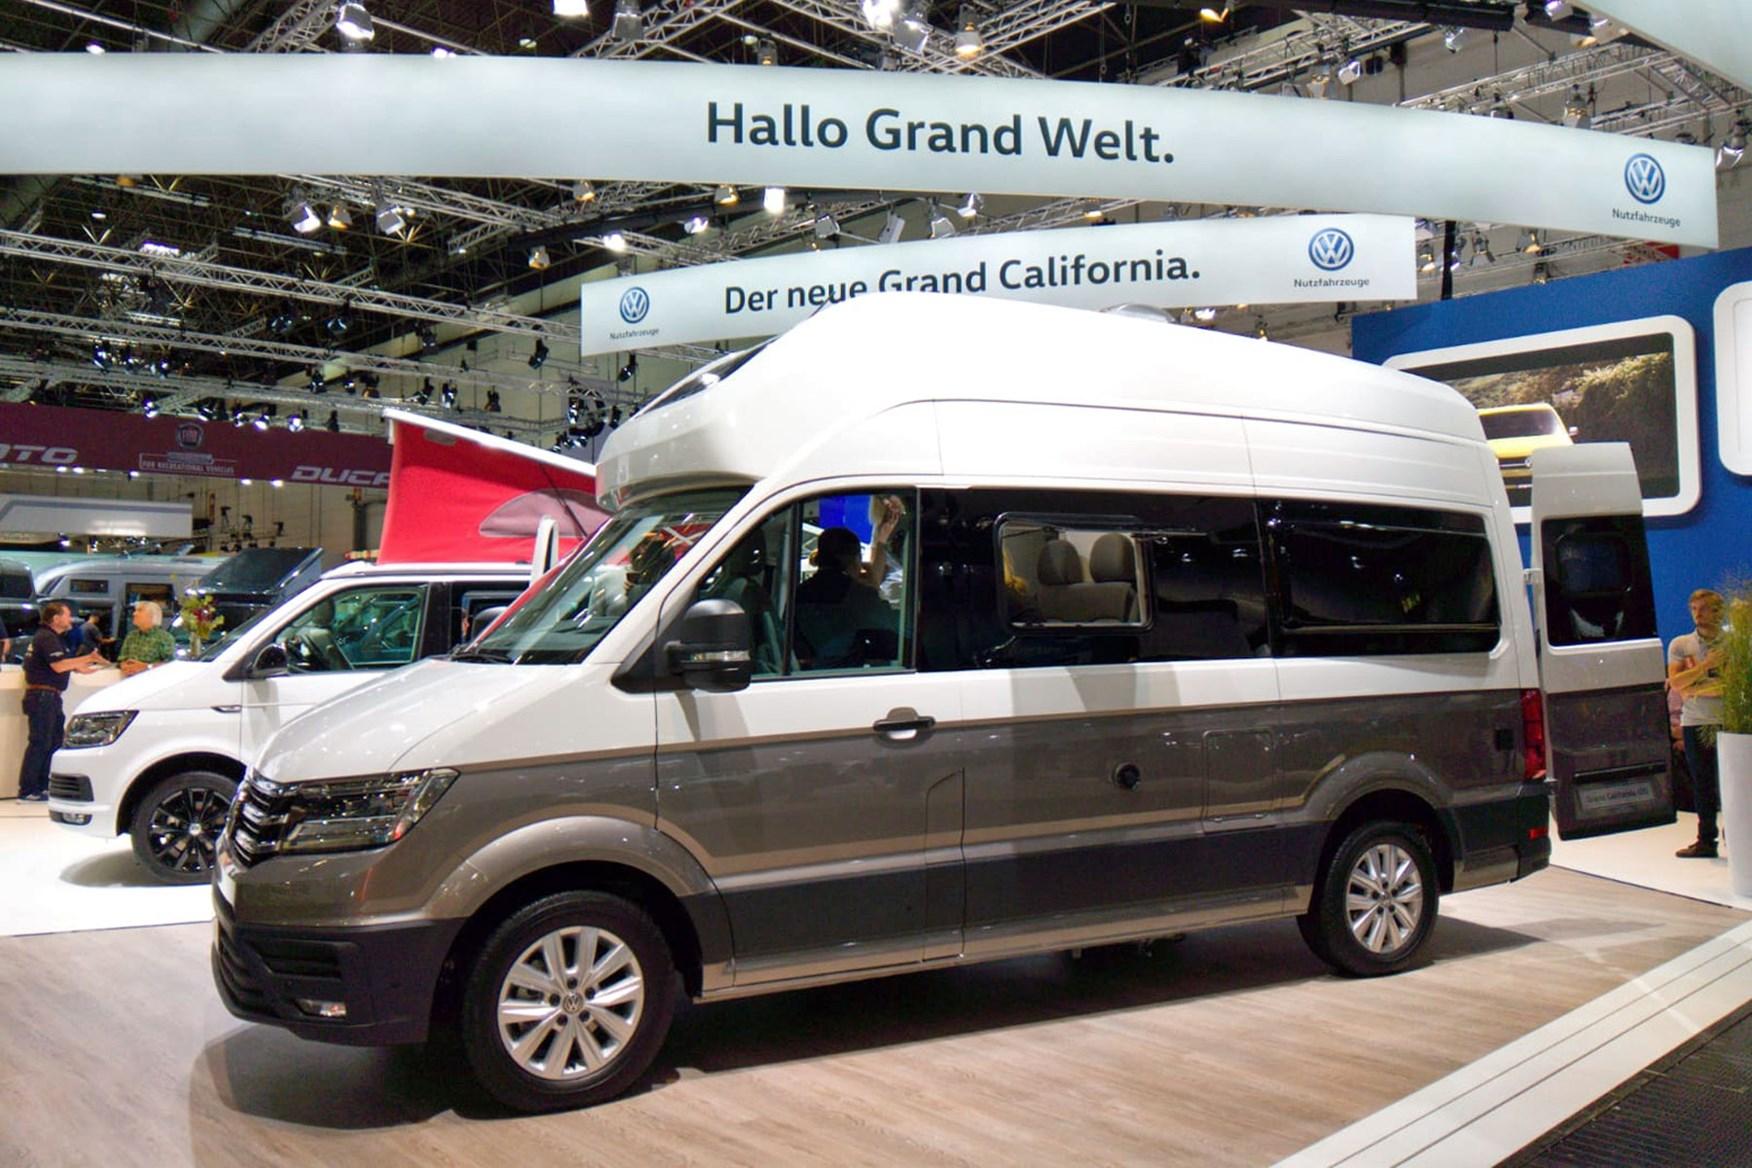 volkswagen grand california campervan based on vw crafter. Black Bedroom Furniture Sets. Home Design Ideas